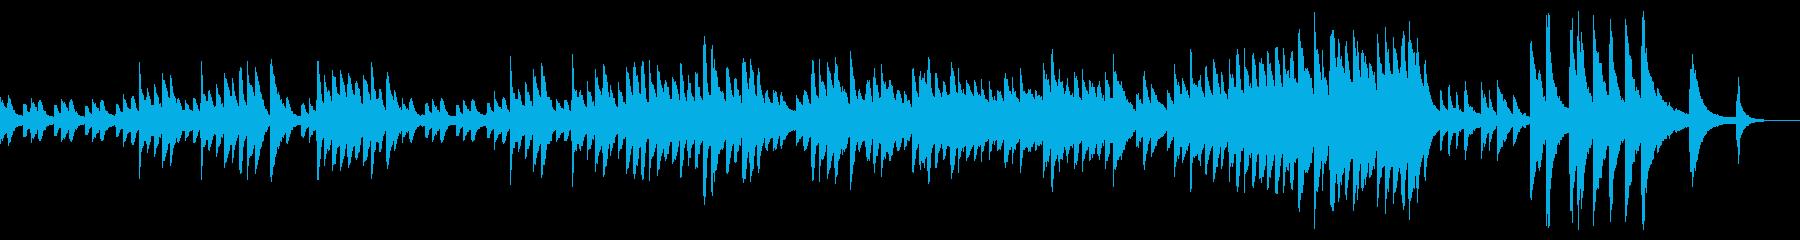 ゆっくり、淡々とした空気感のあるピアノ曲の再生済みの波形